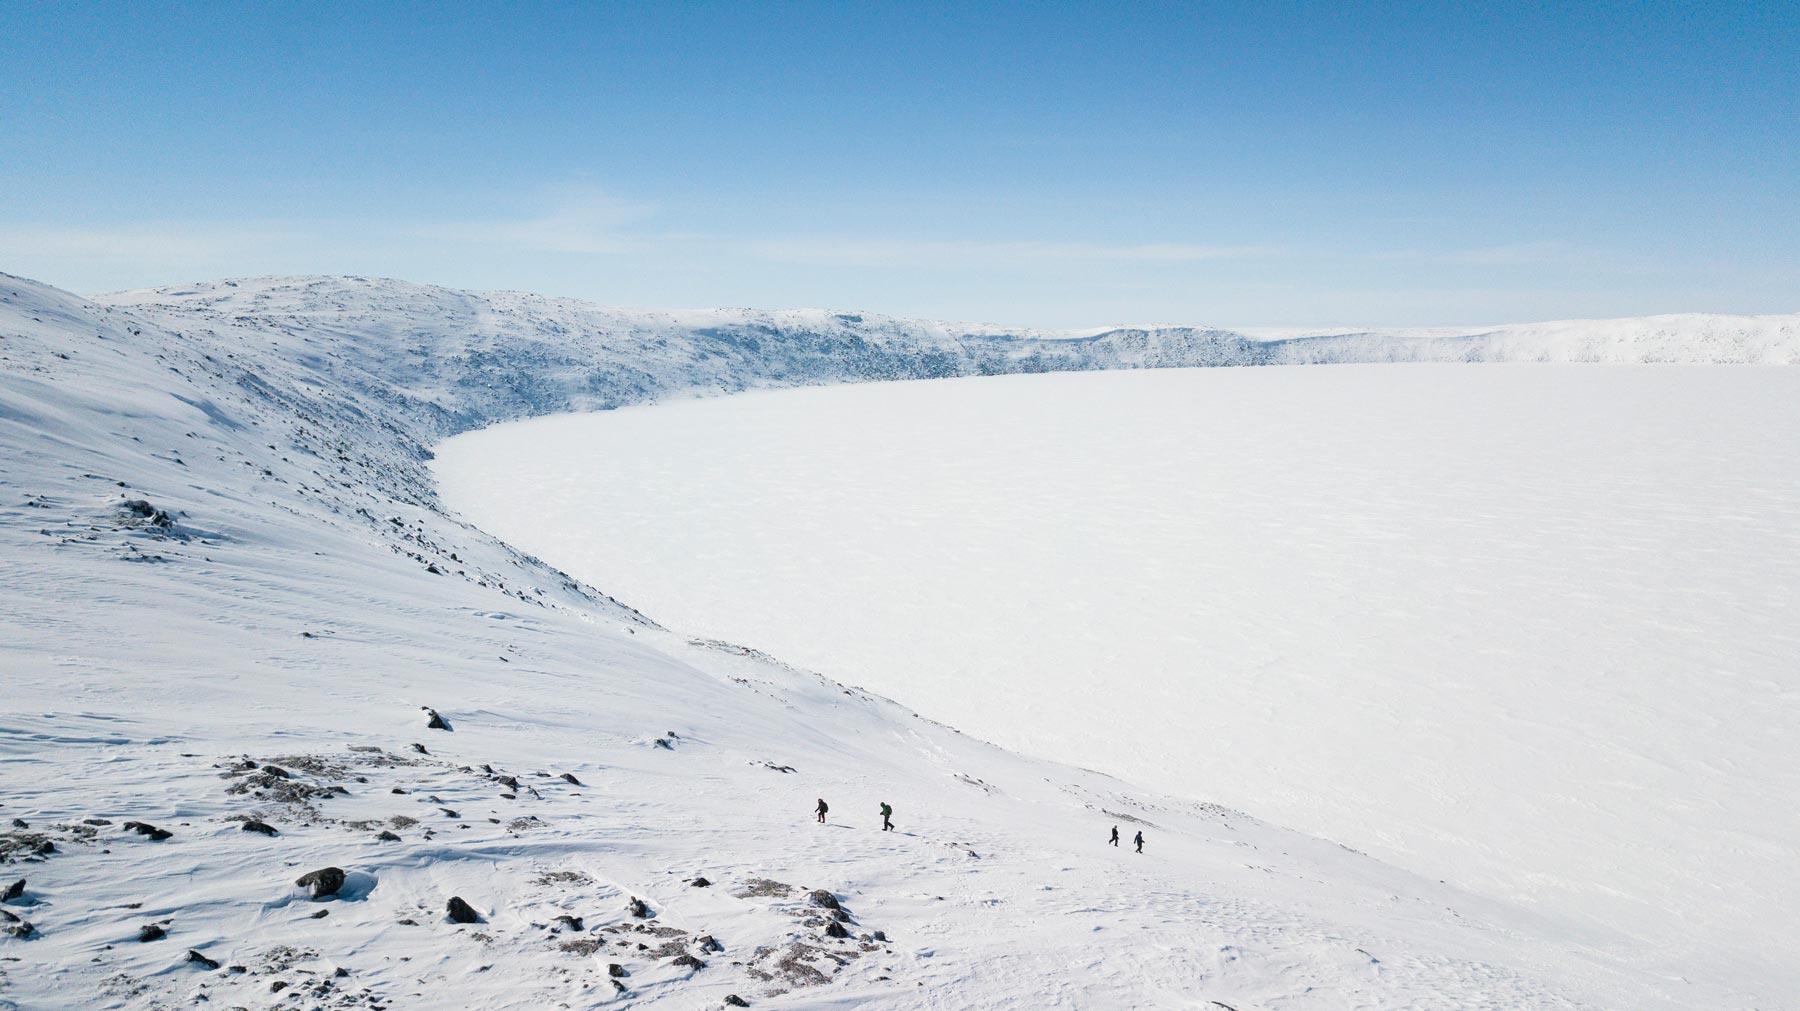 vue aérienne du cratère de Pingualuit en hiver